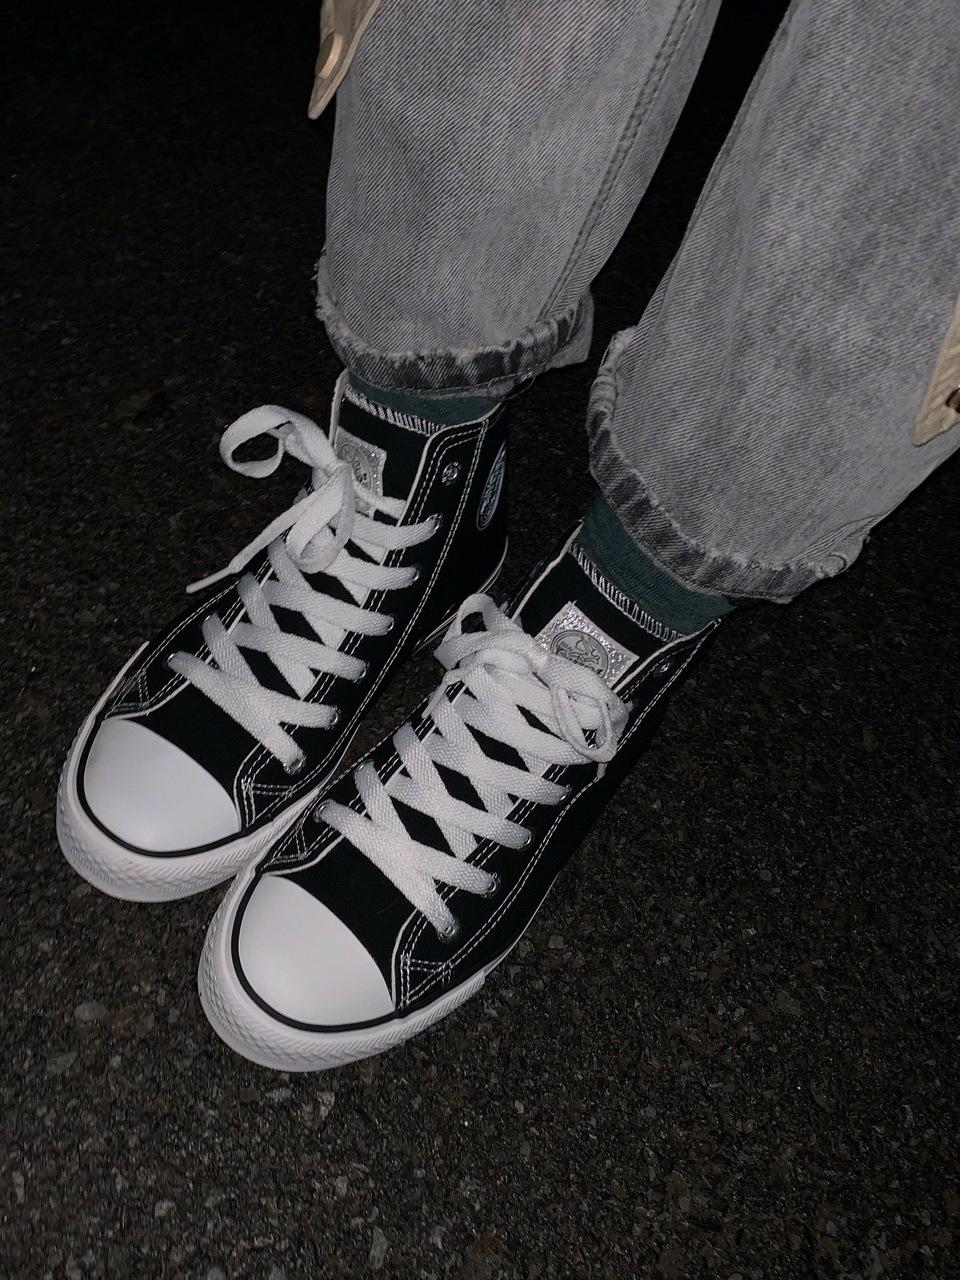 券值播(www.quanzb.com),回力 高帮黑色情侣款帆布鞋6